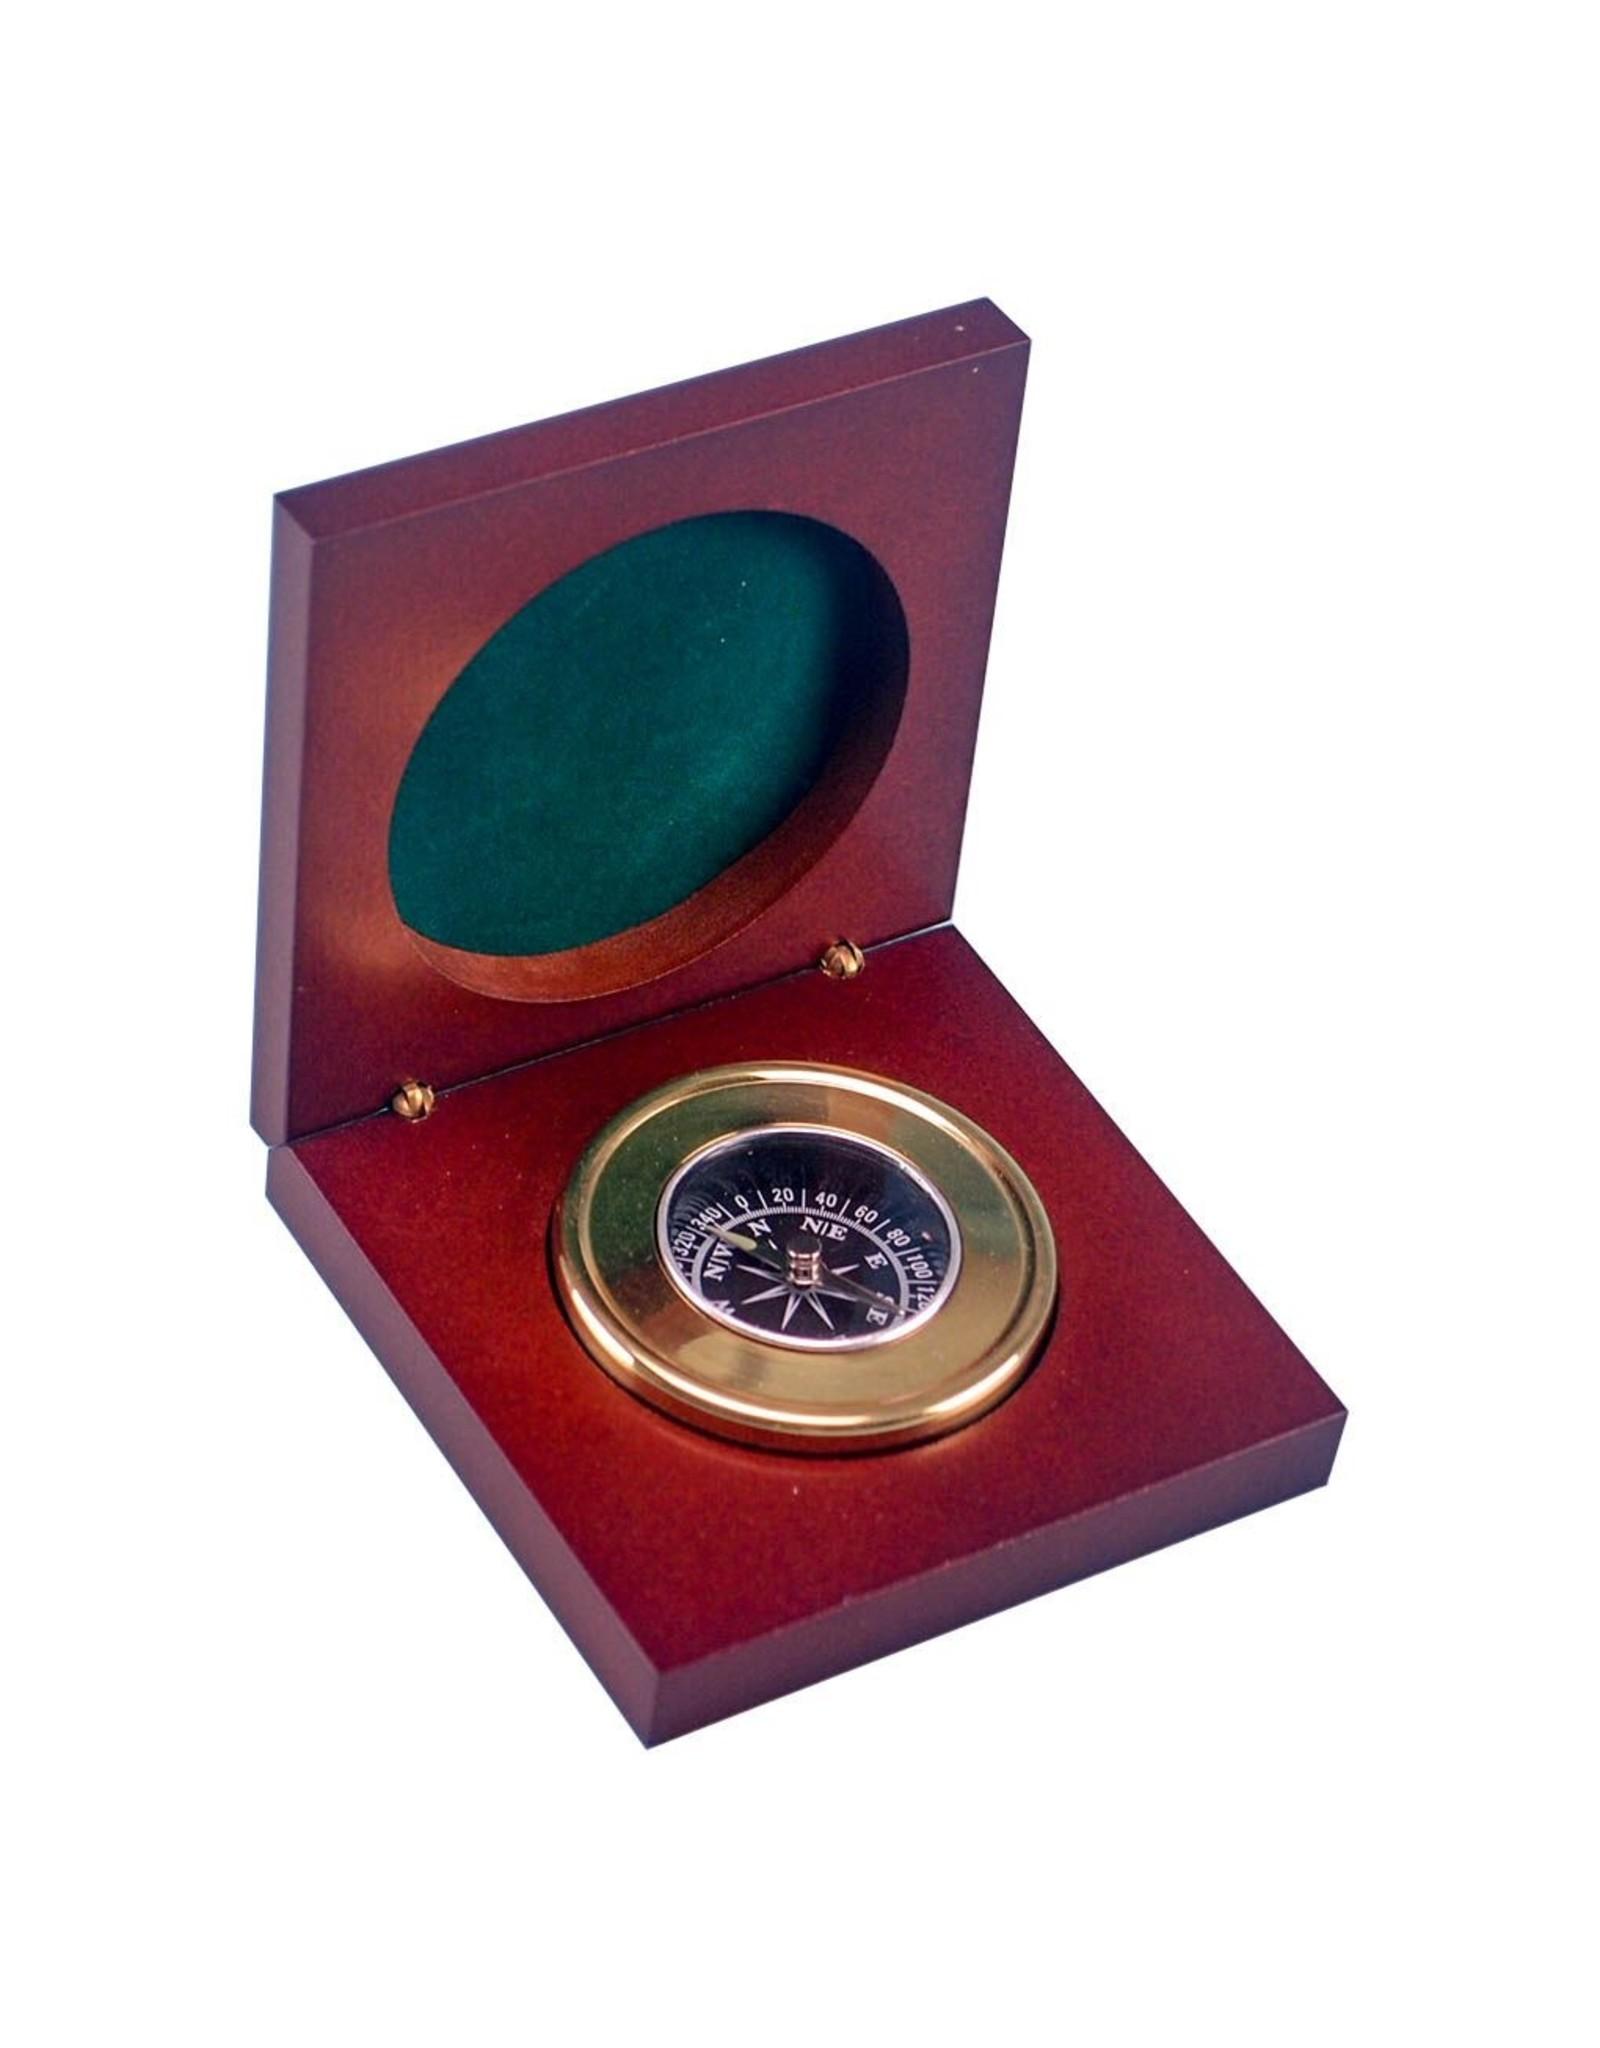 Compass In Presentation Box